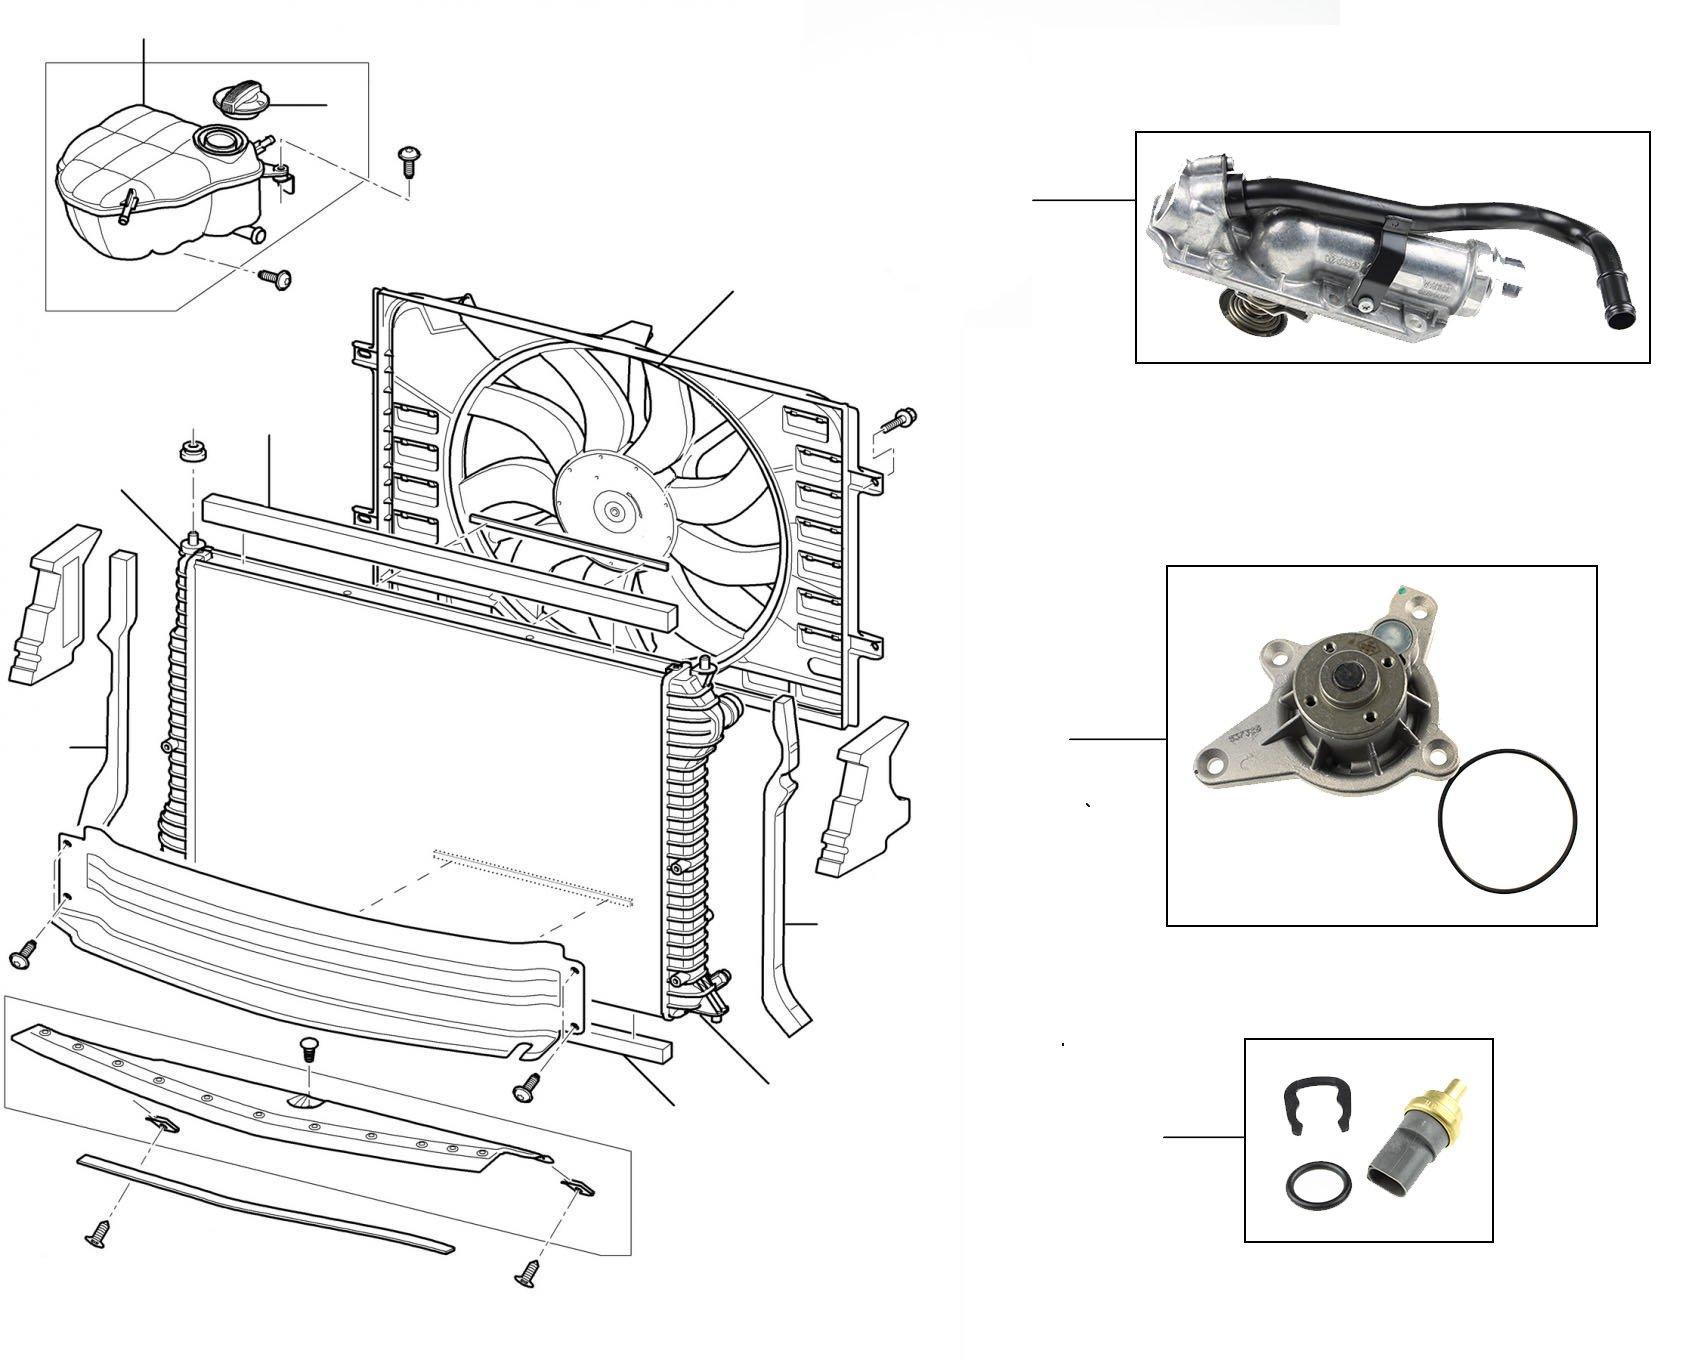 60306 W12 Engine Radiator 2006 till 2011 single fan  - 2012 onwards